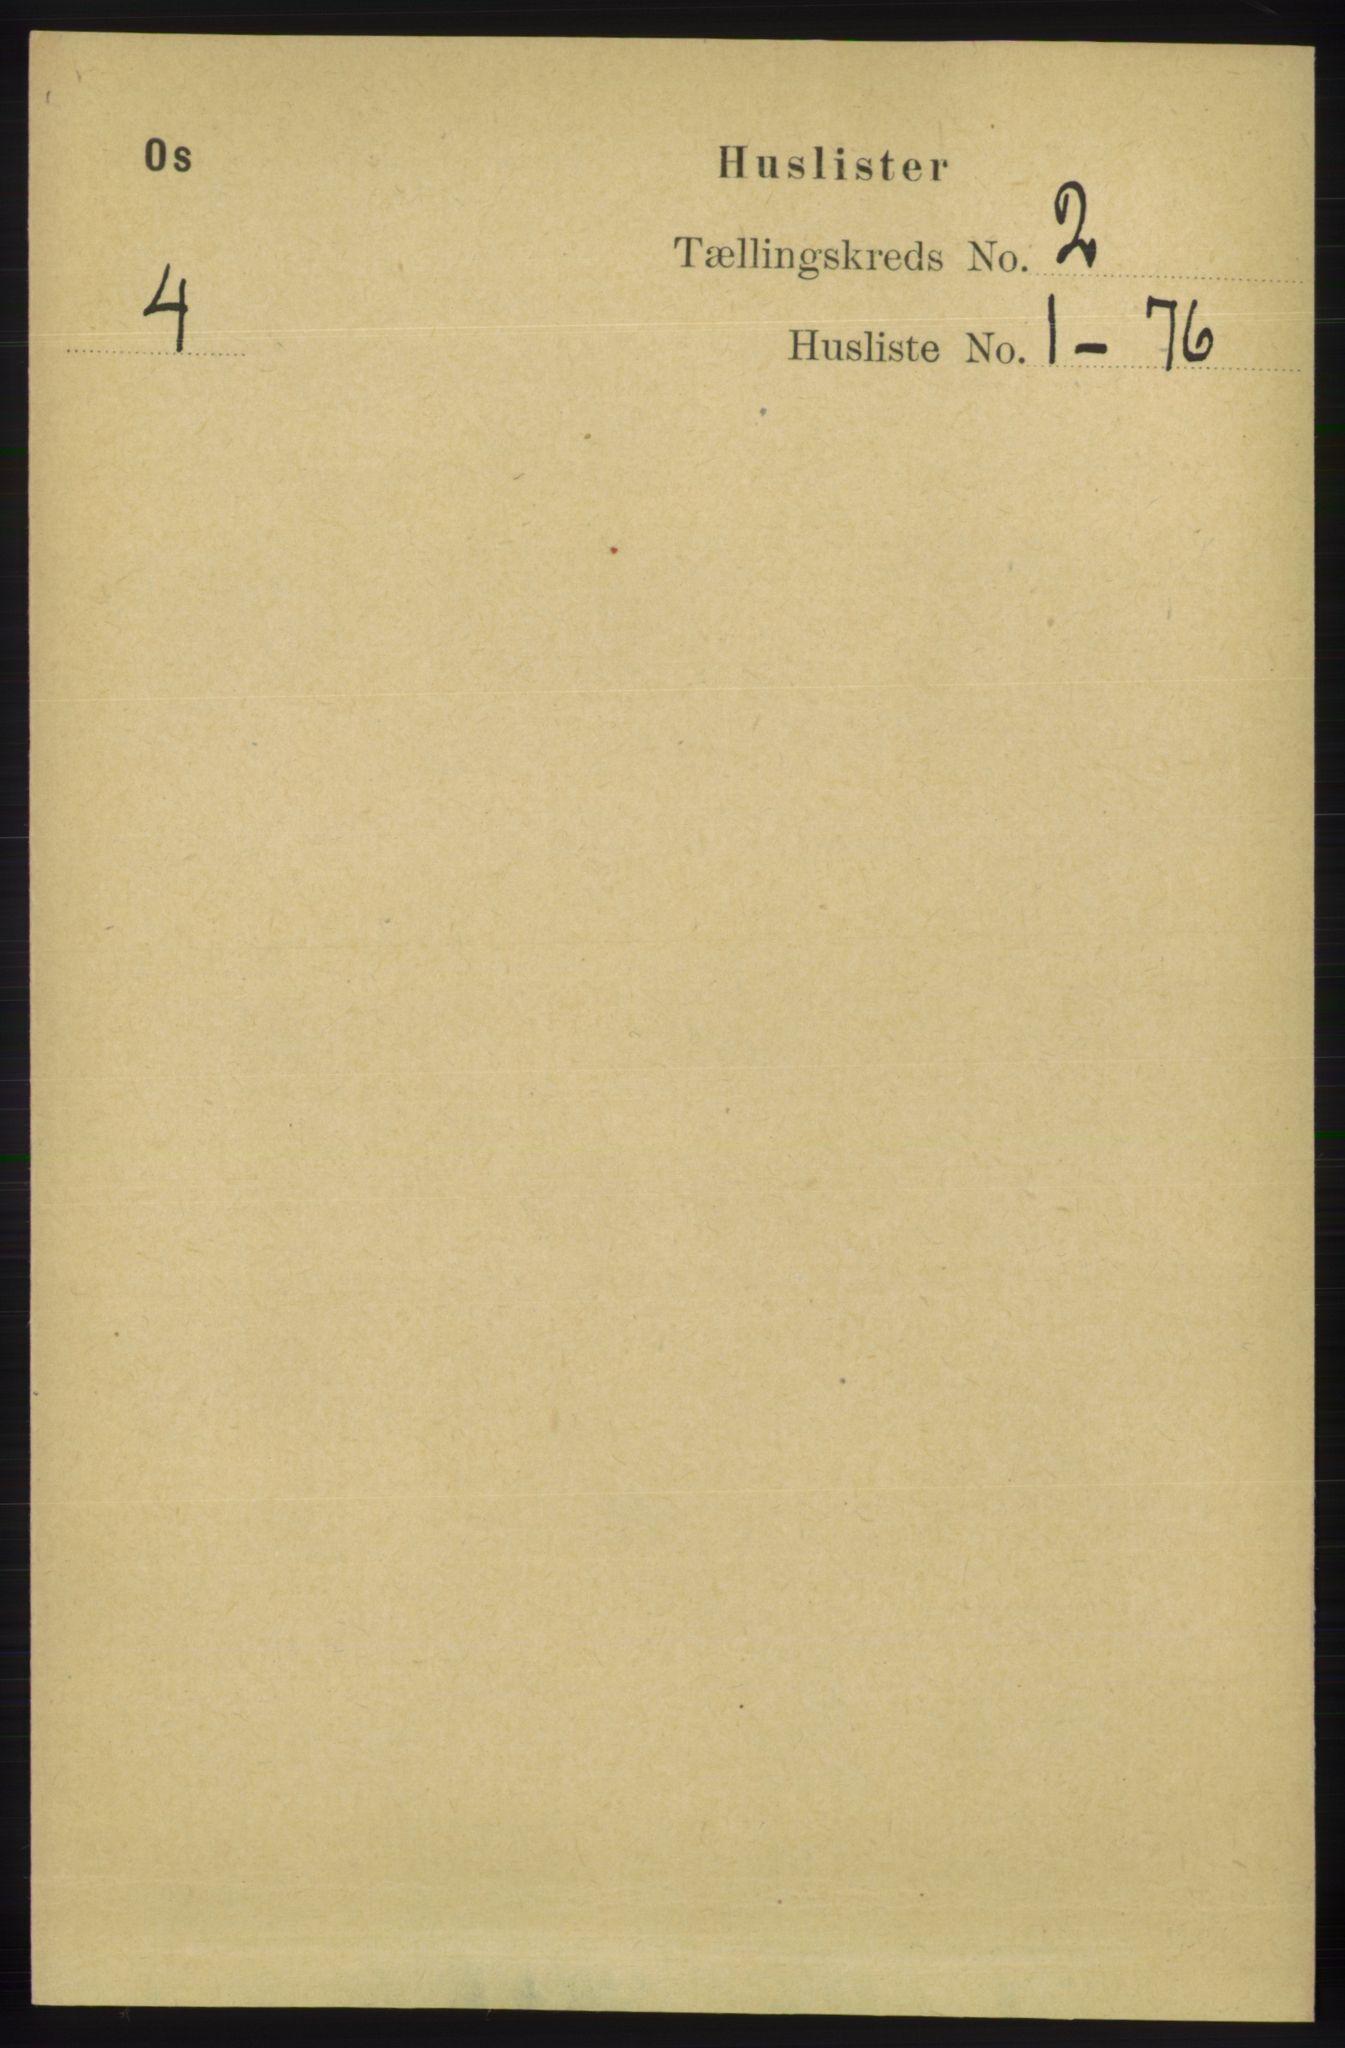 RA, Folketelling 1891 for 1243 Os herred, 1891, s. 354